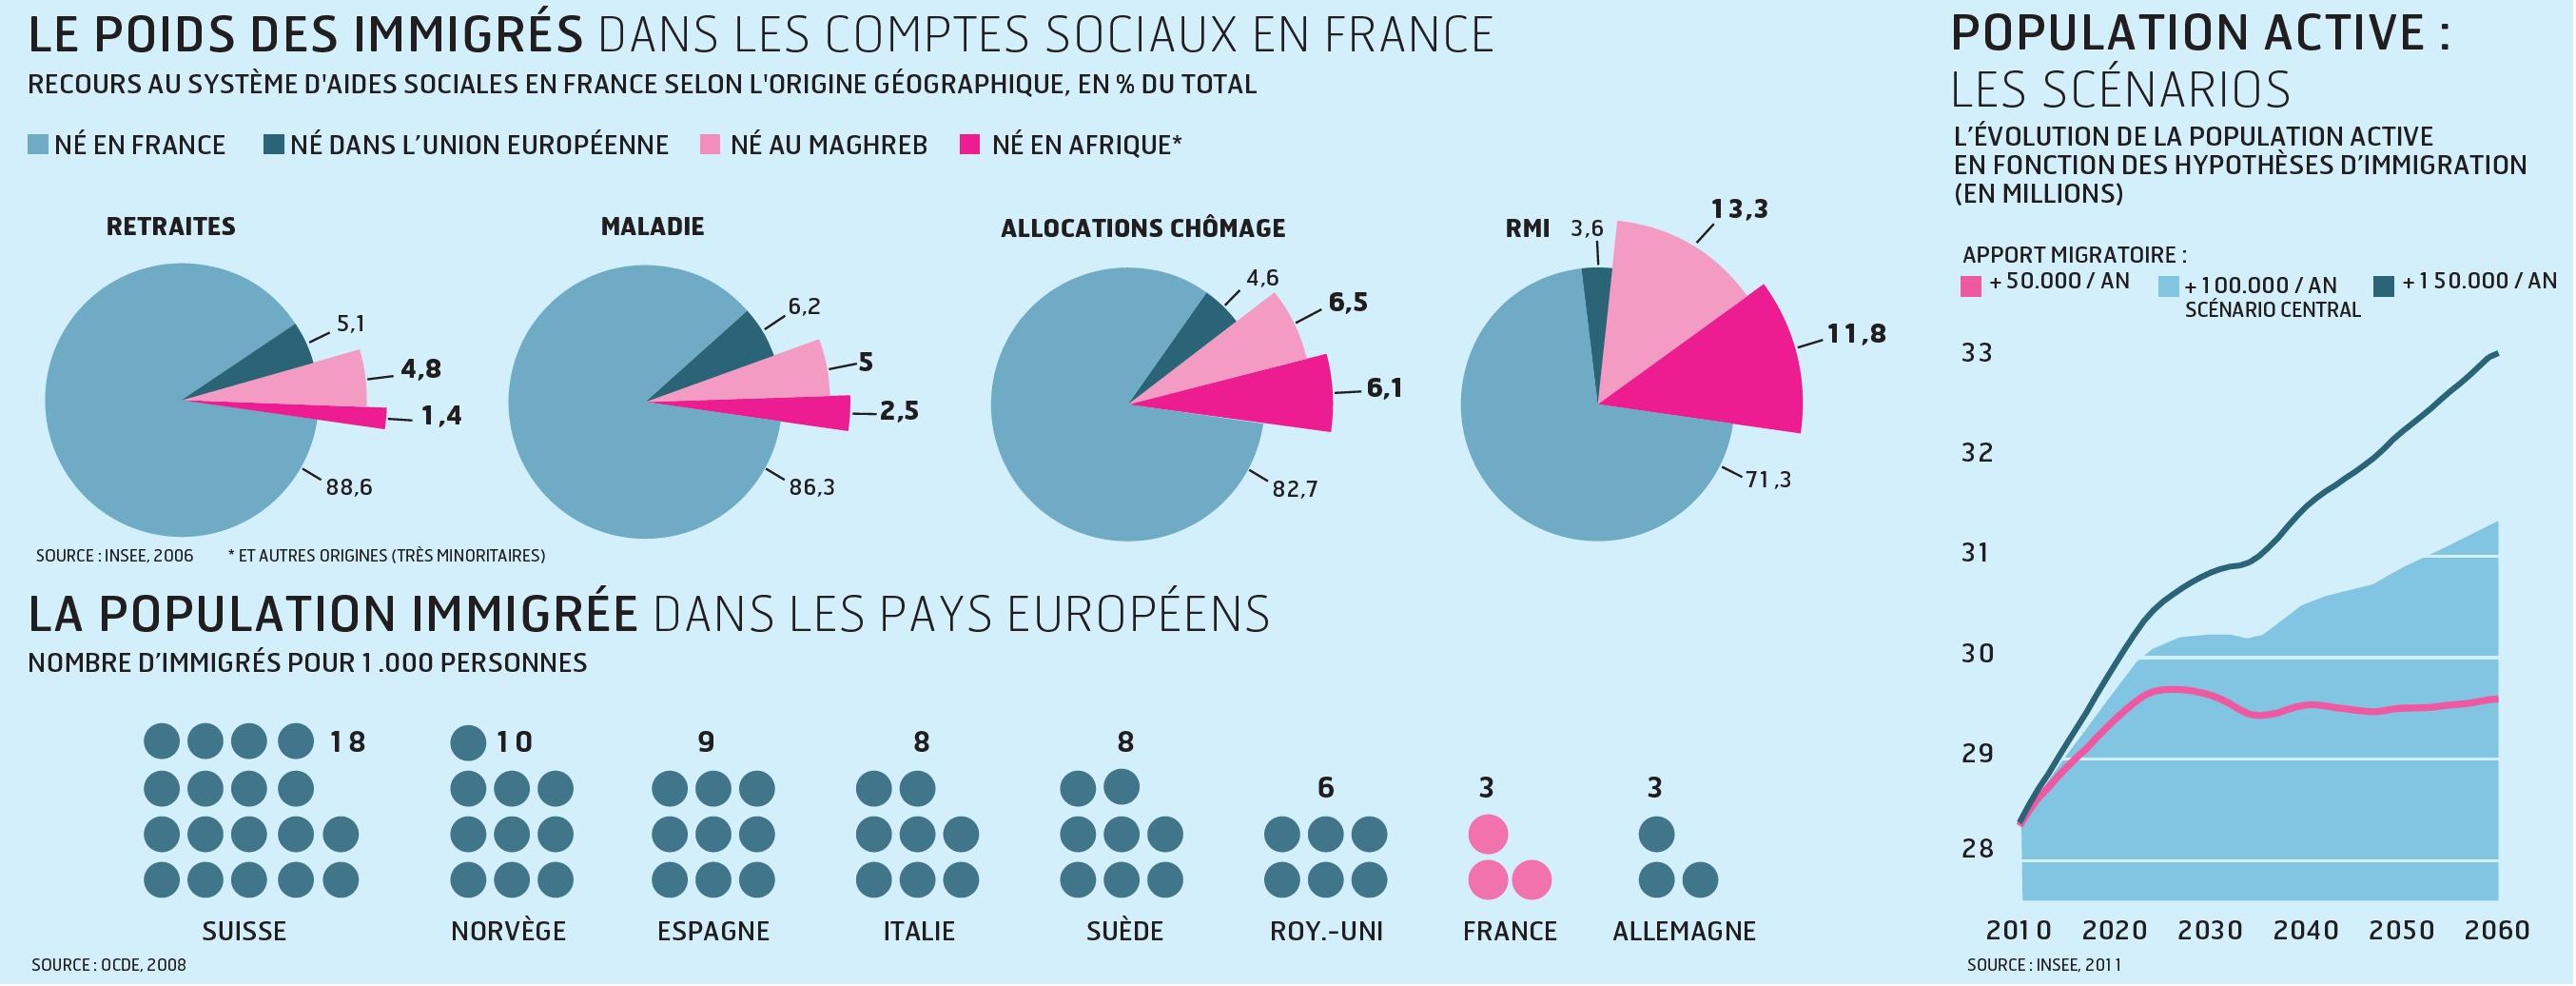 immigration en france dissertation En france, aujourd'hui, plus d'un étudiant sur dix est étranger parmi les nationalités les plus représentées immigration en france.